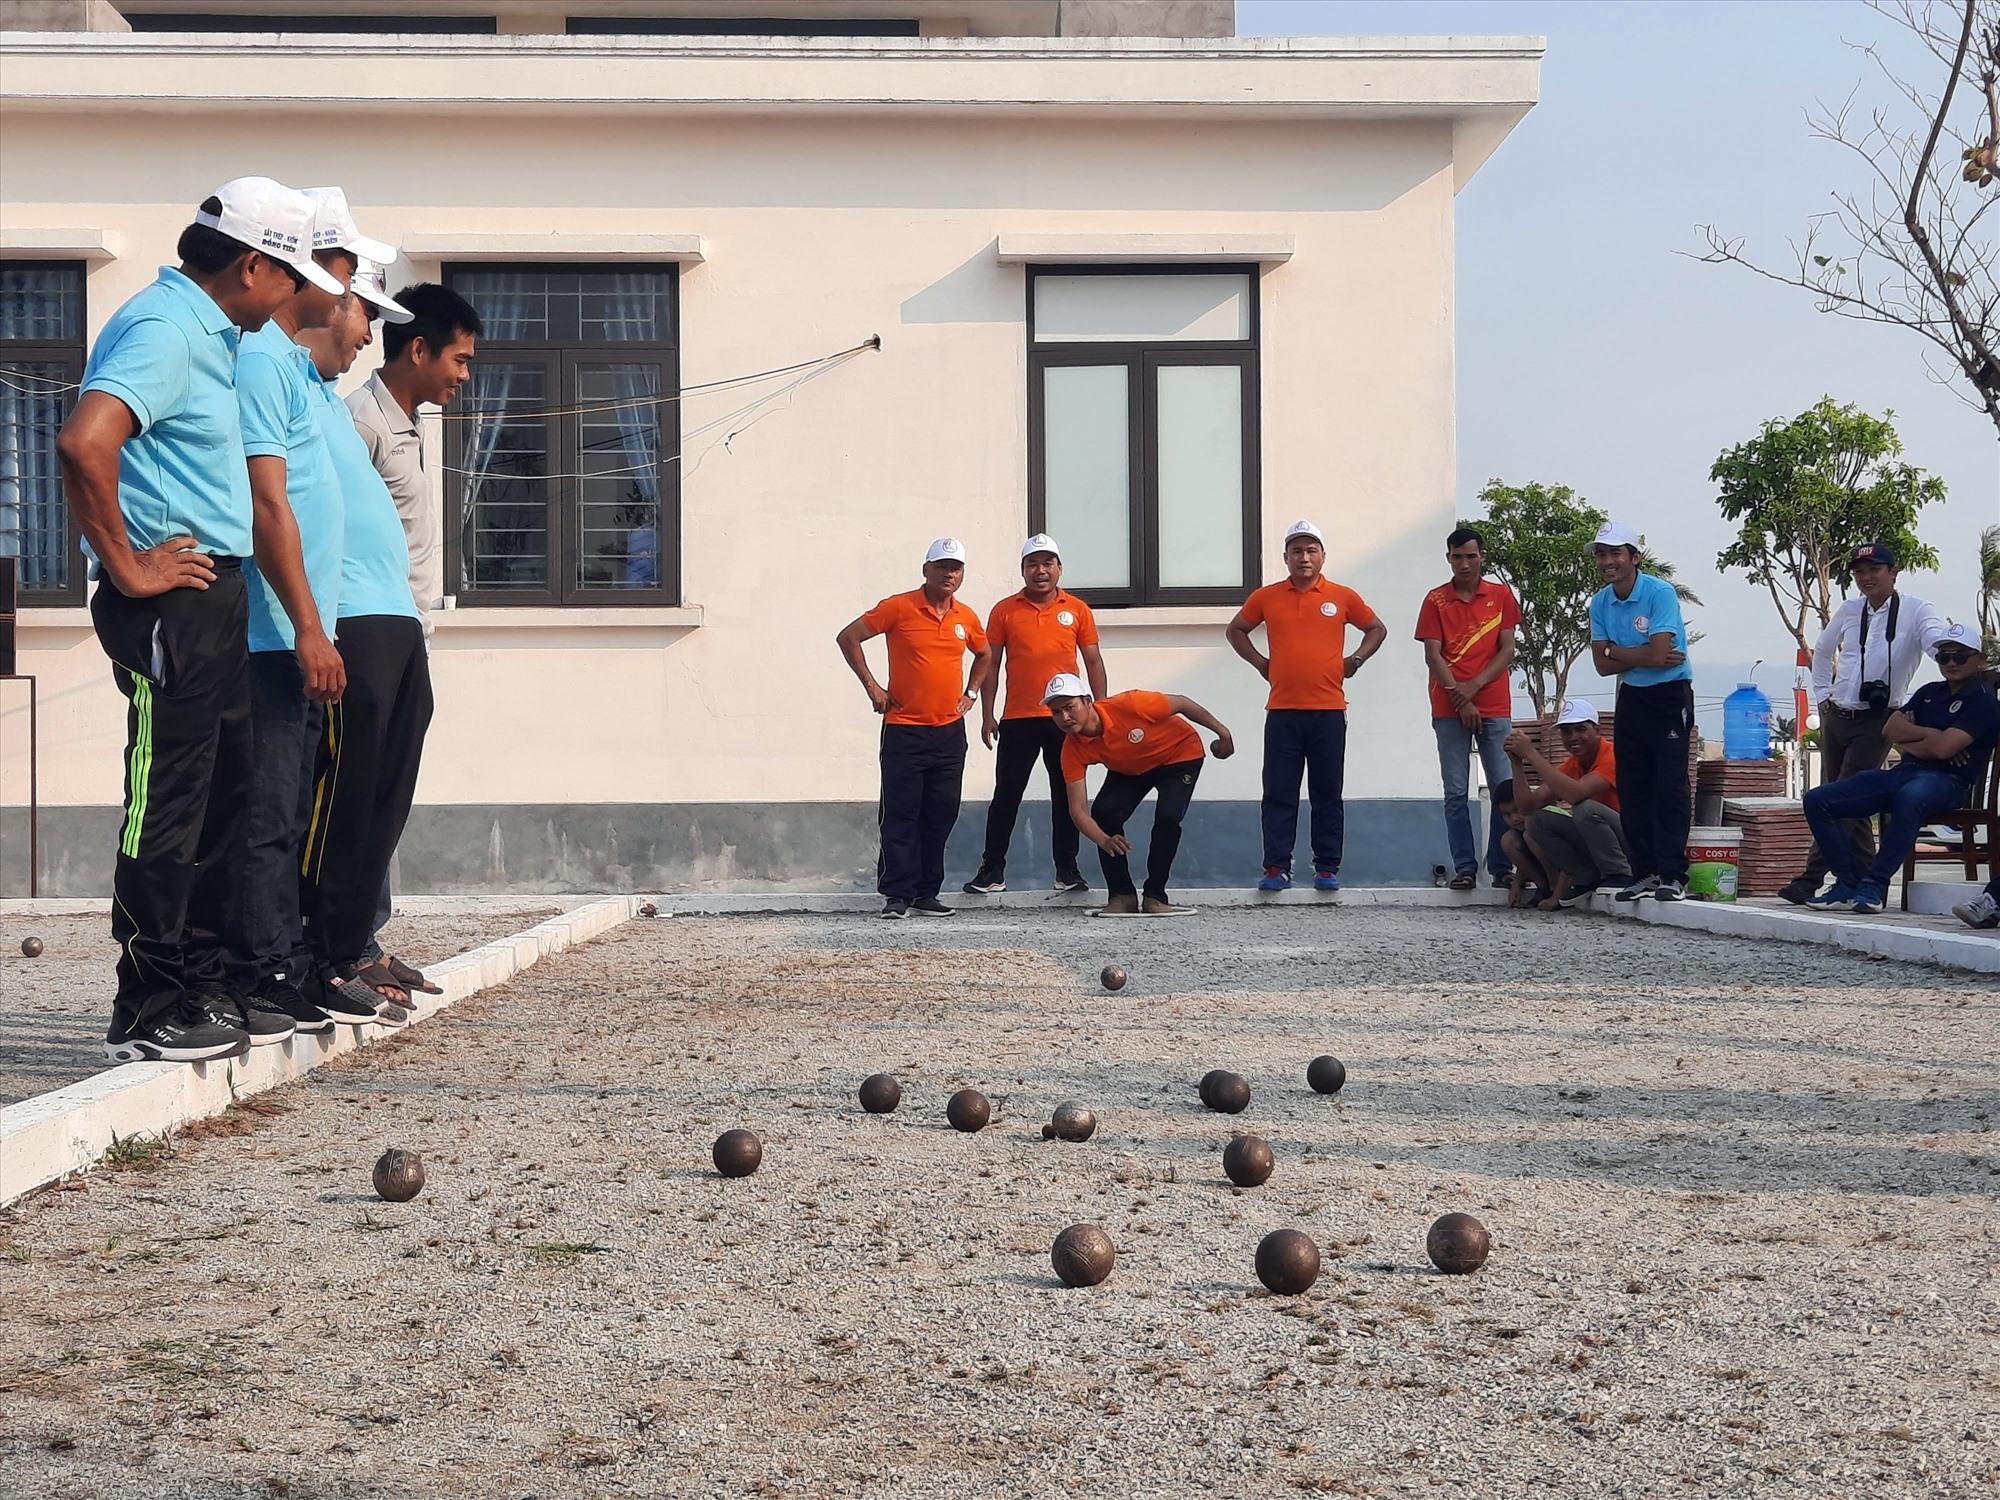 Phong trào chơi môn bi sắt lan tỏa trong cộng đồng xã Tam Anh Nam với 4 câu lạc bộ, 24 bi thủ. Và đang được phổ biến đến một số xã như Tam Tiến, Tam Mỹ Đông...